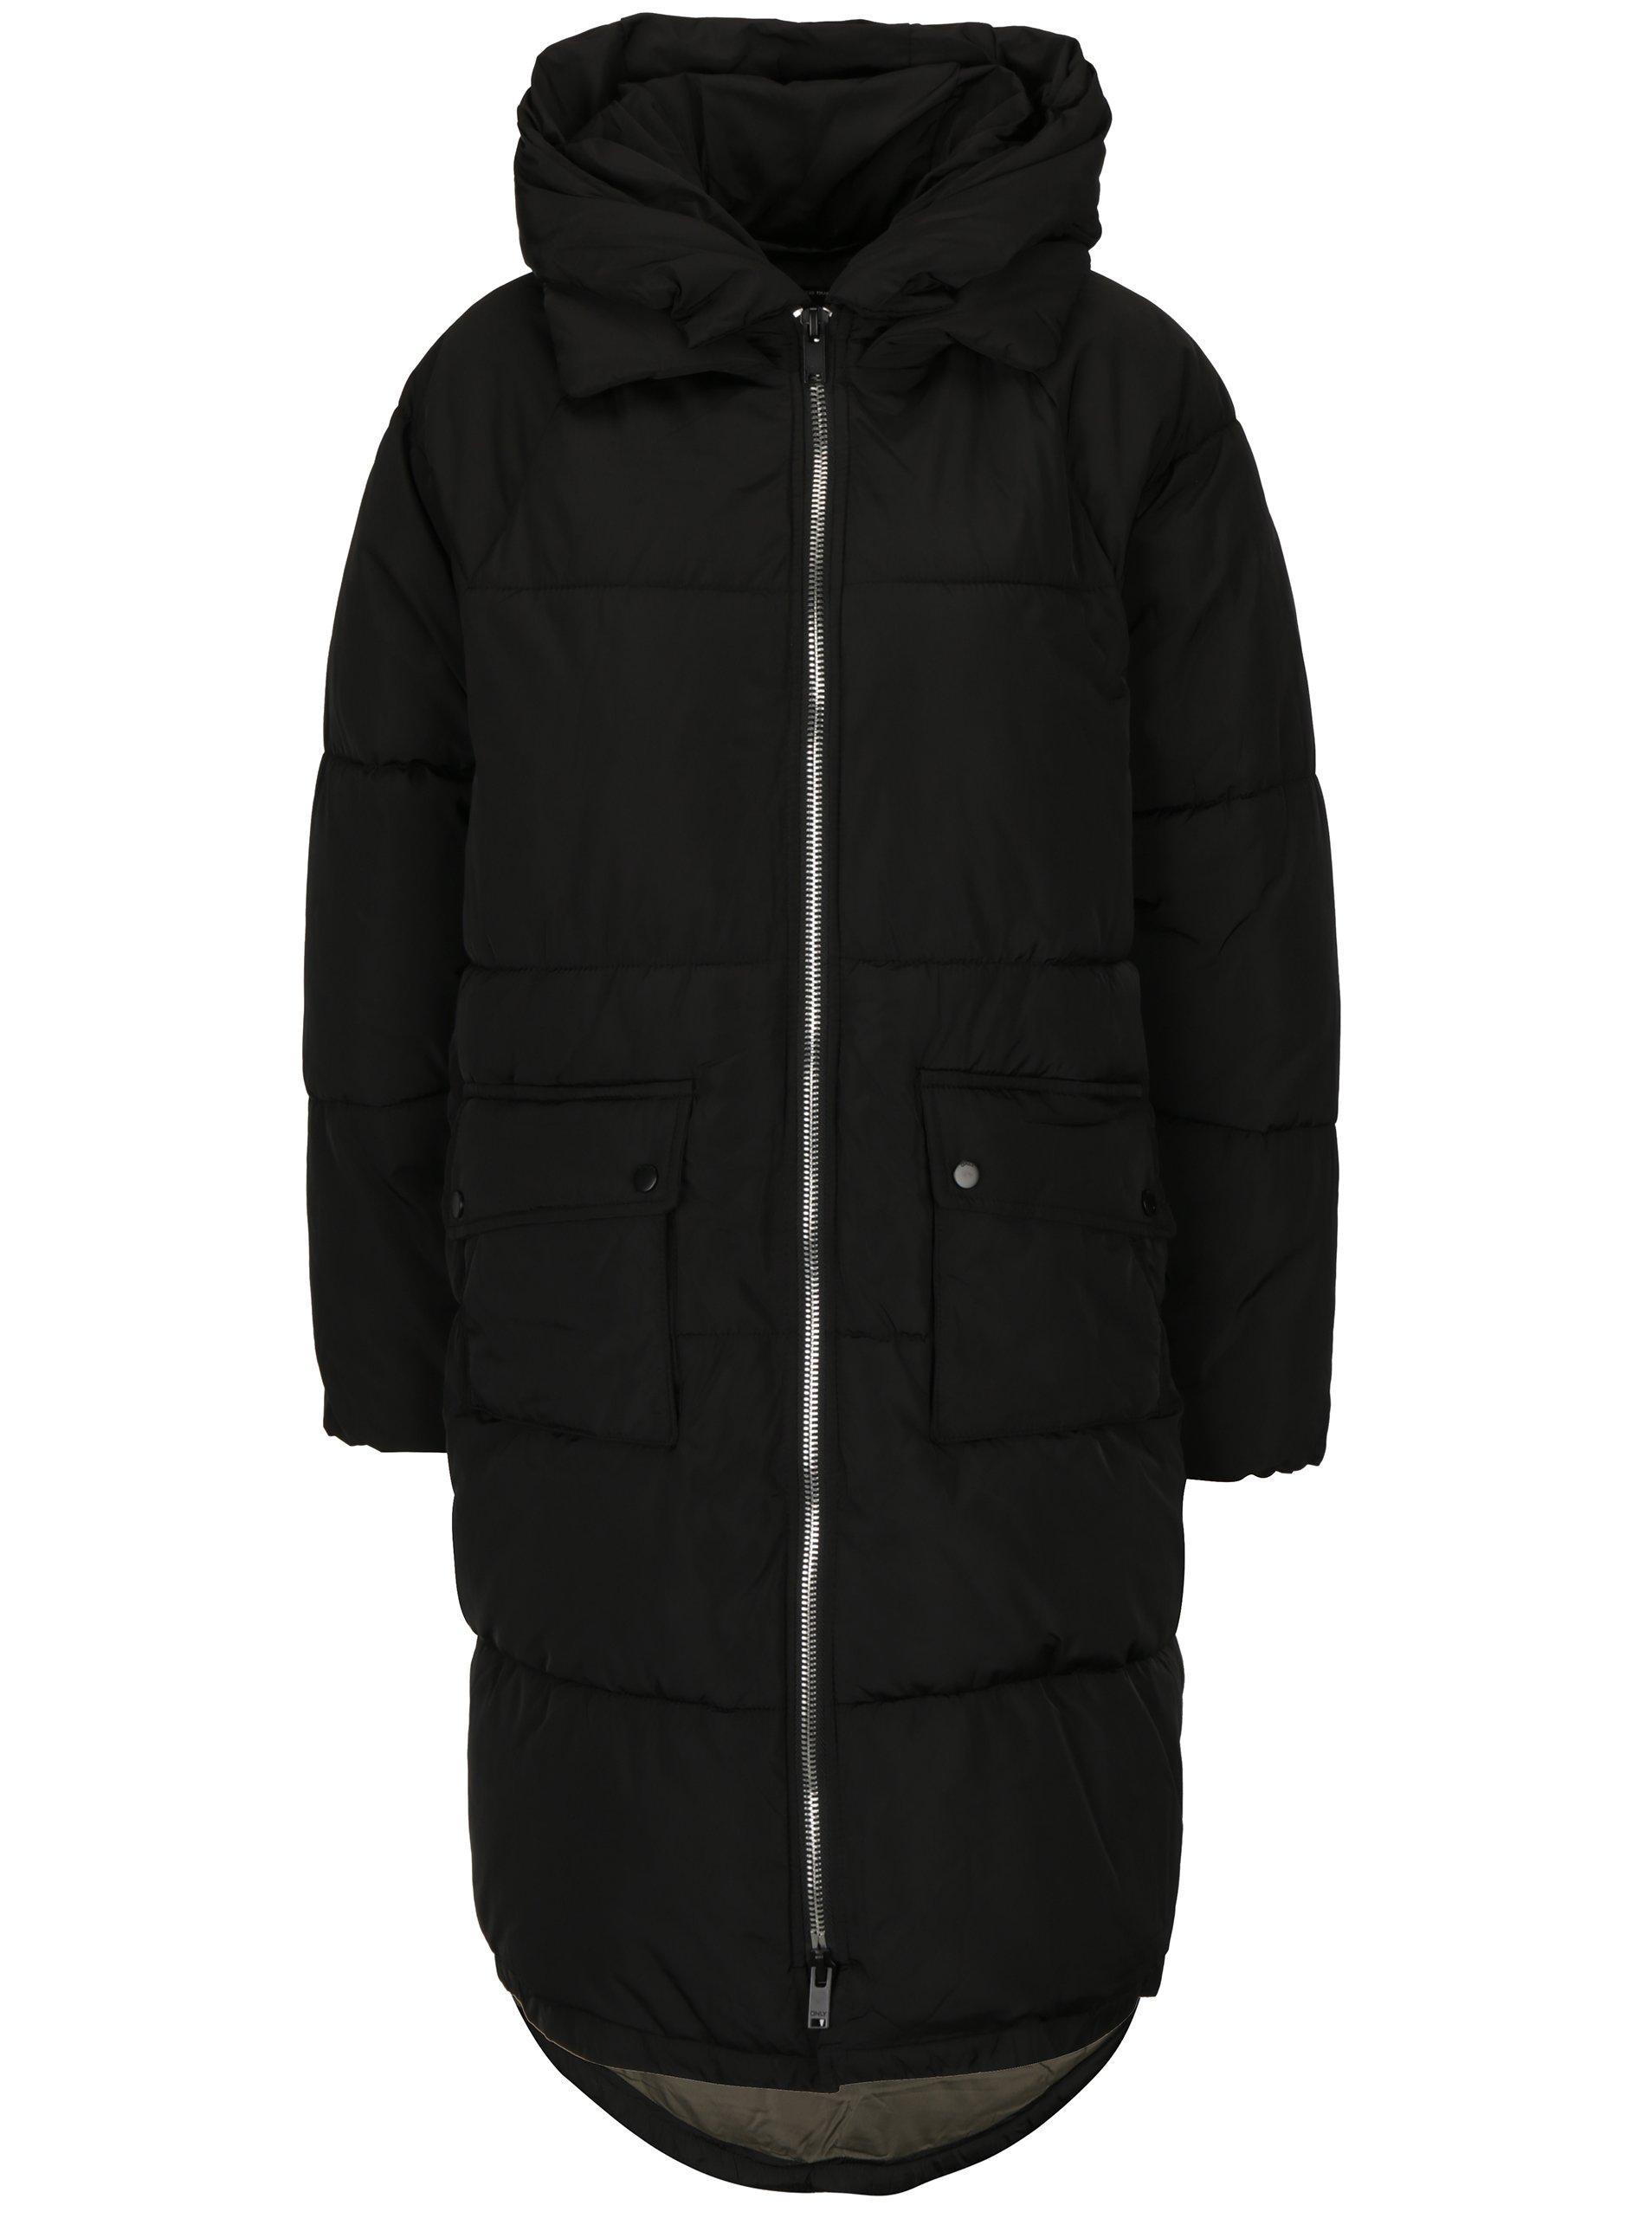 Černý prošívaný kabát s kapucí ONLY Gina